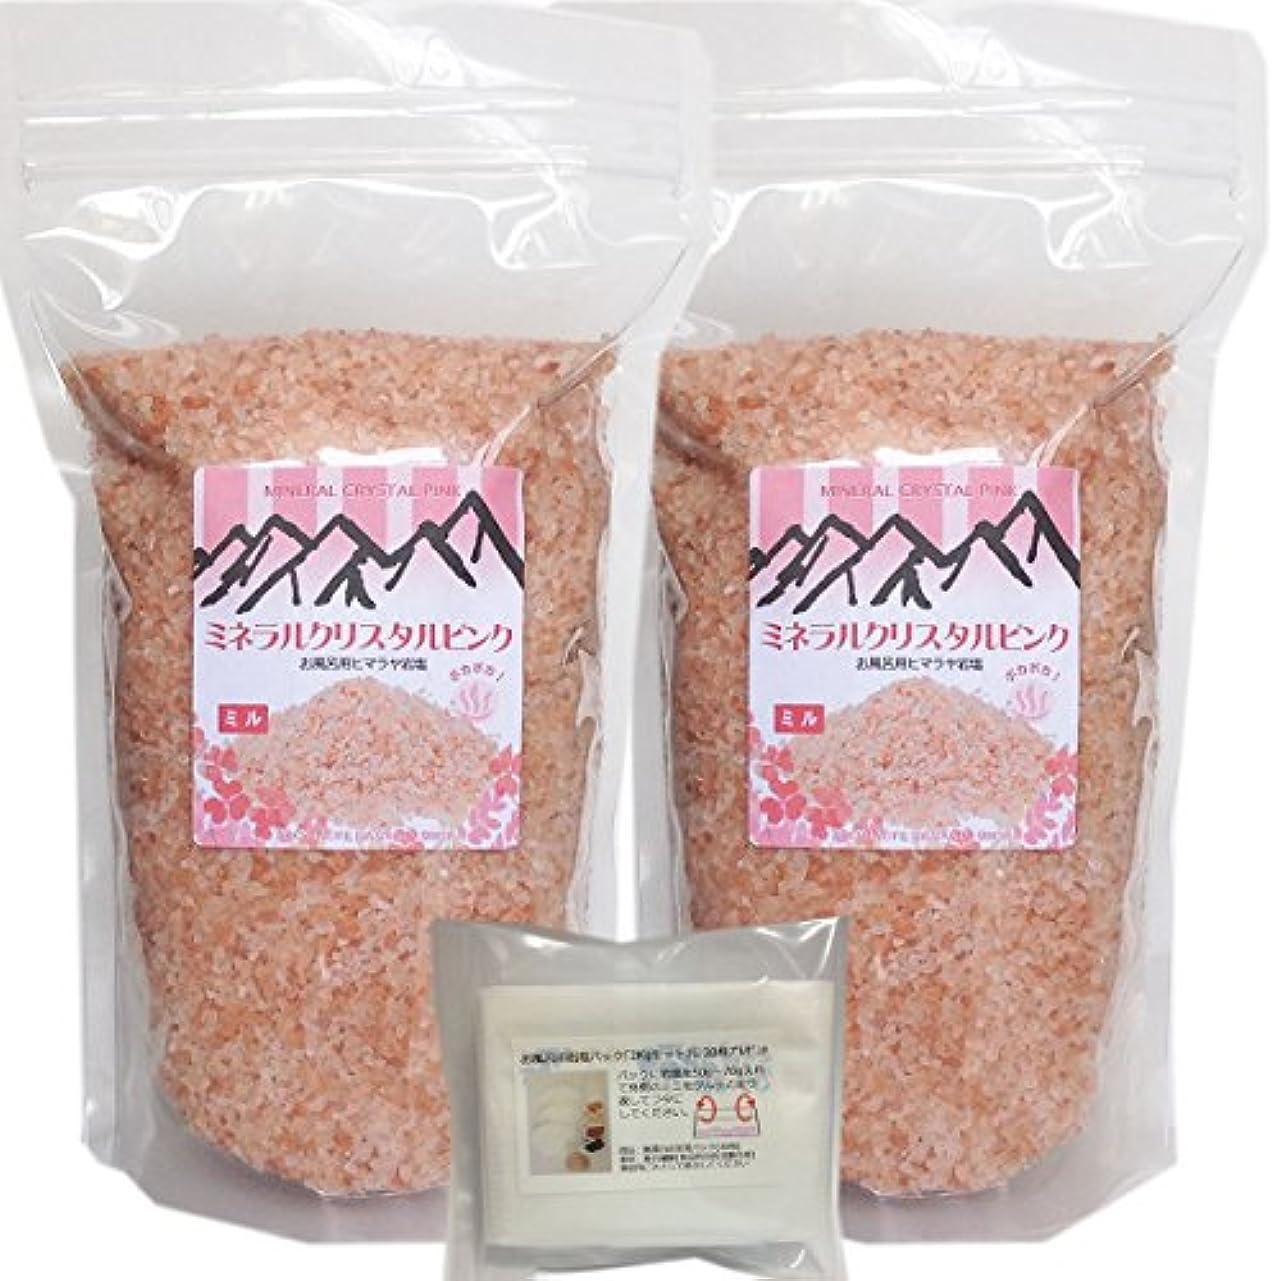 小間ホラー疑いヒマラヤ岩塩 ミネラルクリスタル ピンク [2Kgセット]